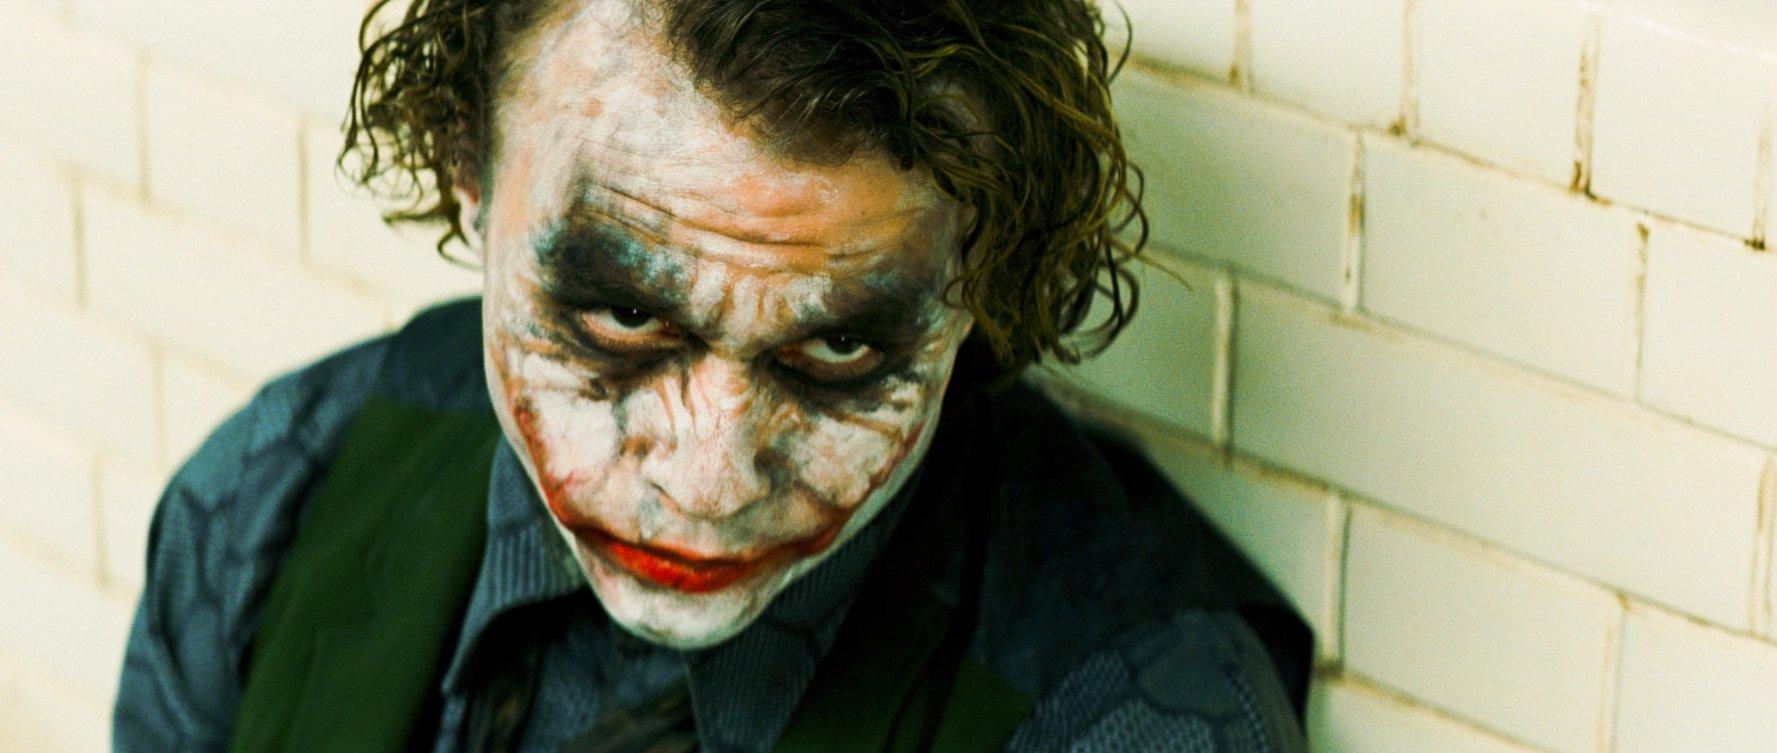 Лучшая мужская роль второго плана Оскар 25 лет Хит Леджер Темный рыцарь 2008